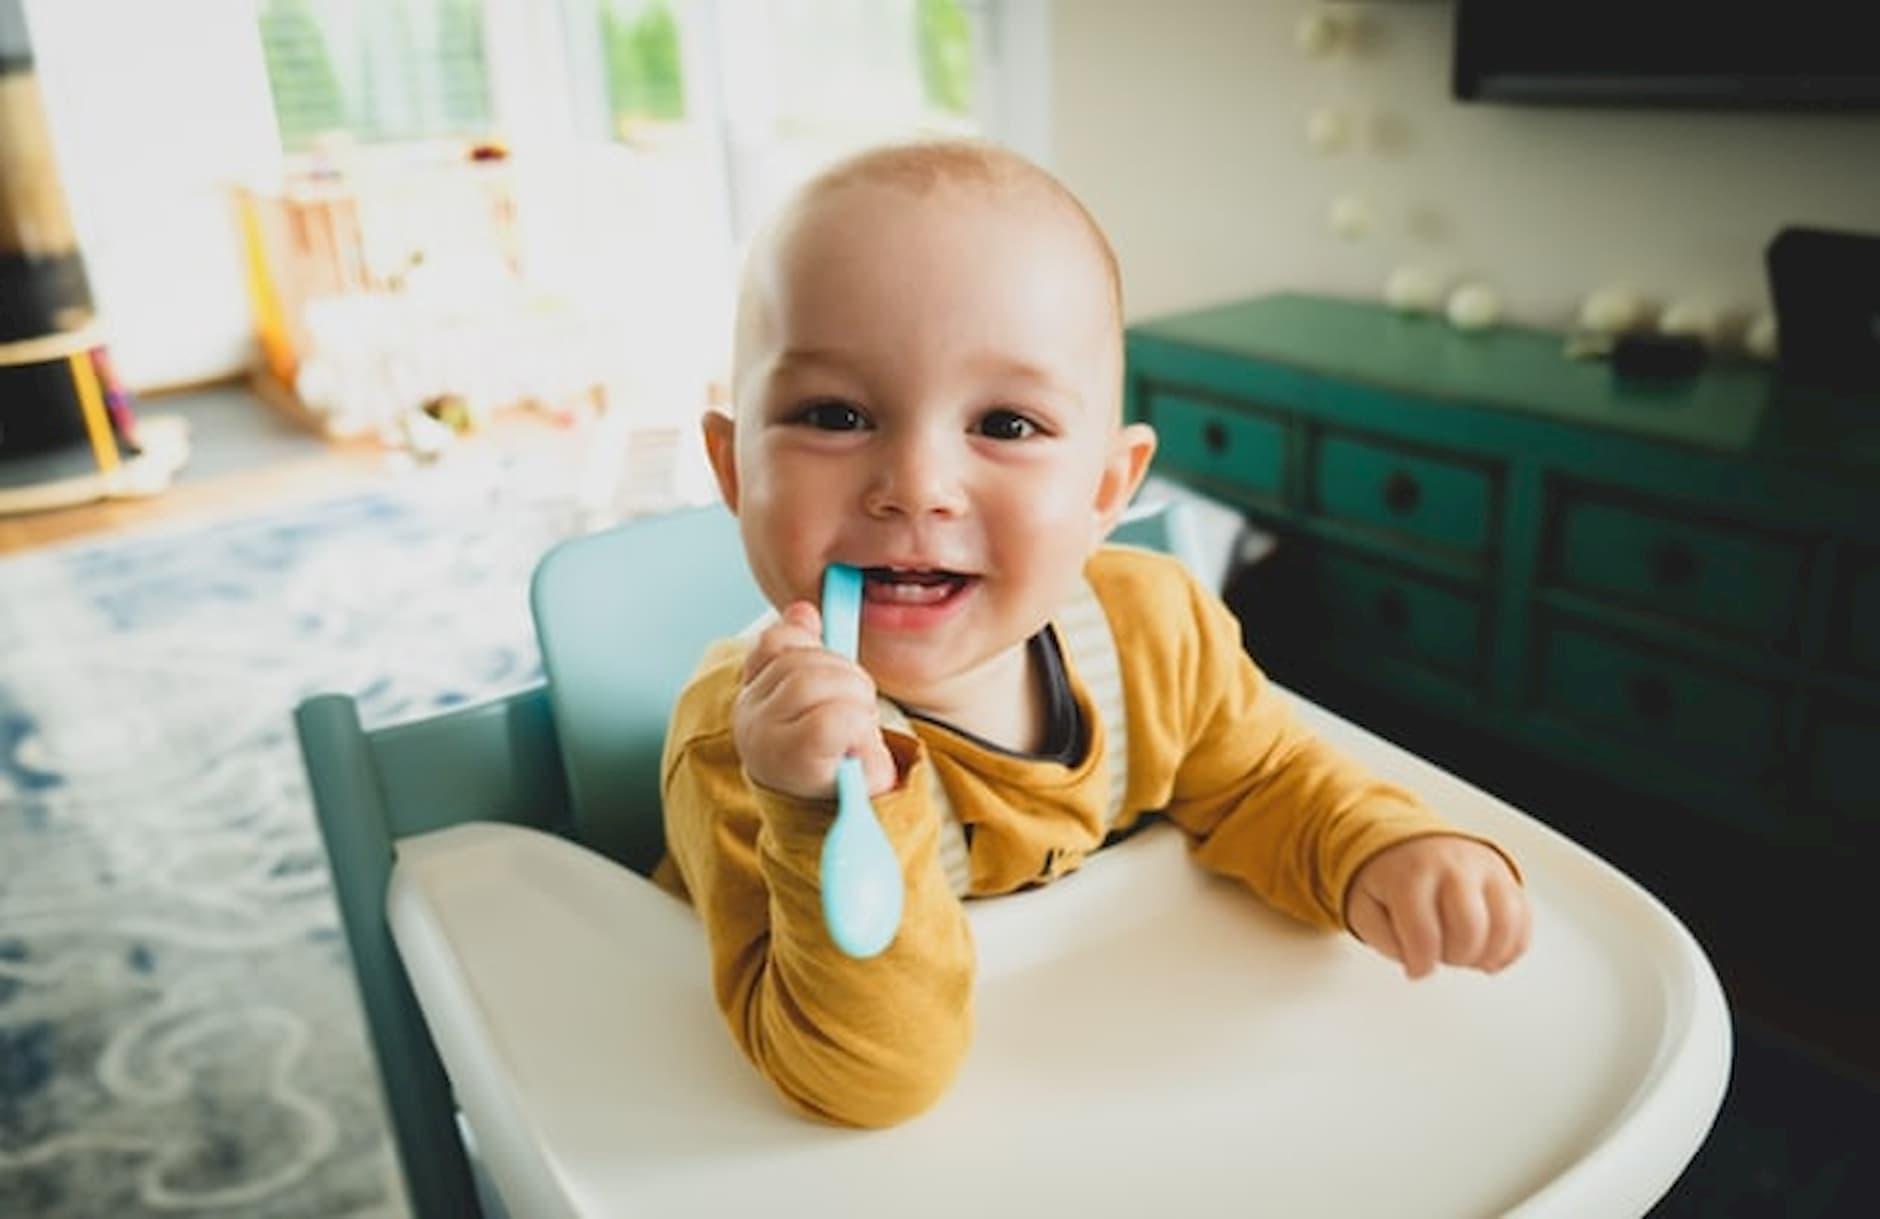 usmiate-babatko-v-jedalenskej-stolicke-pre-dieta-s-lyzickou-v-ustach